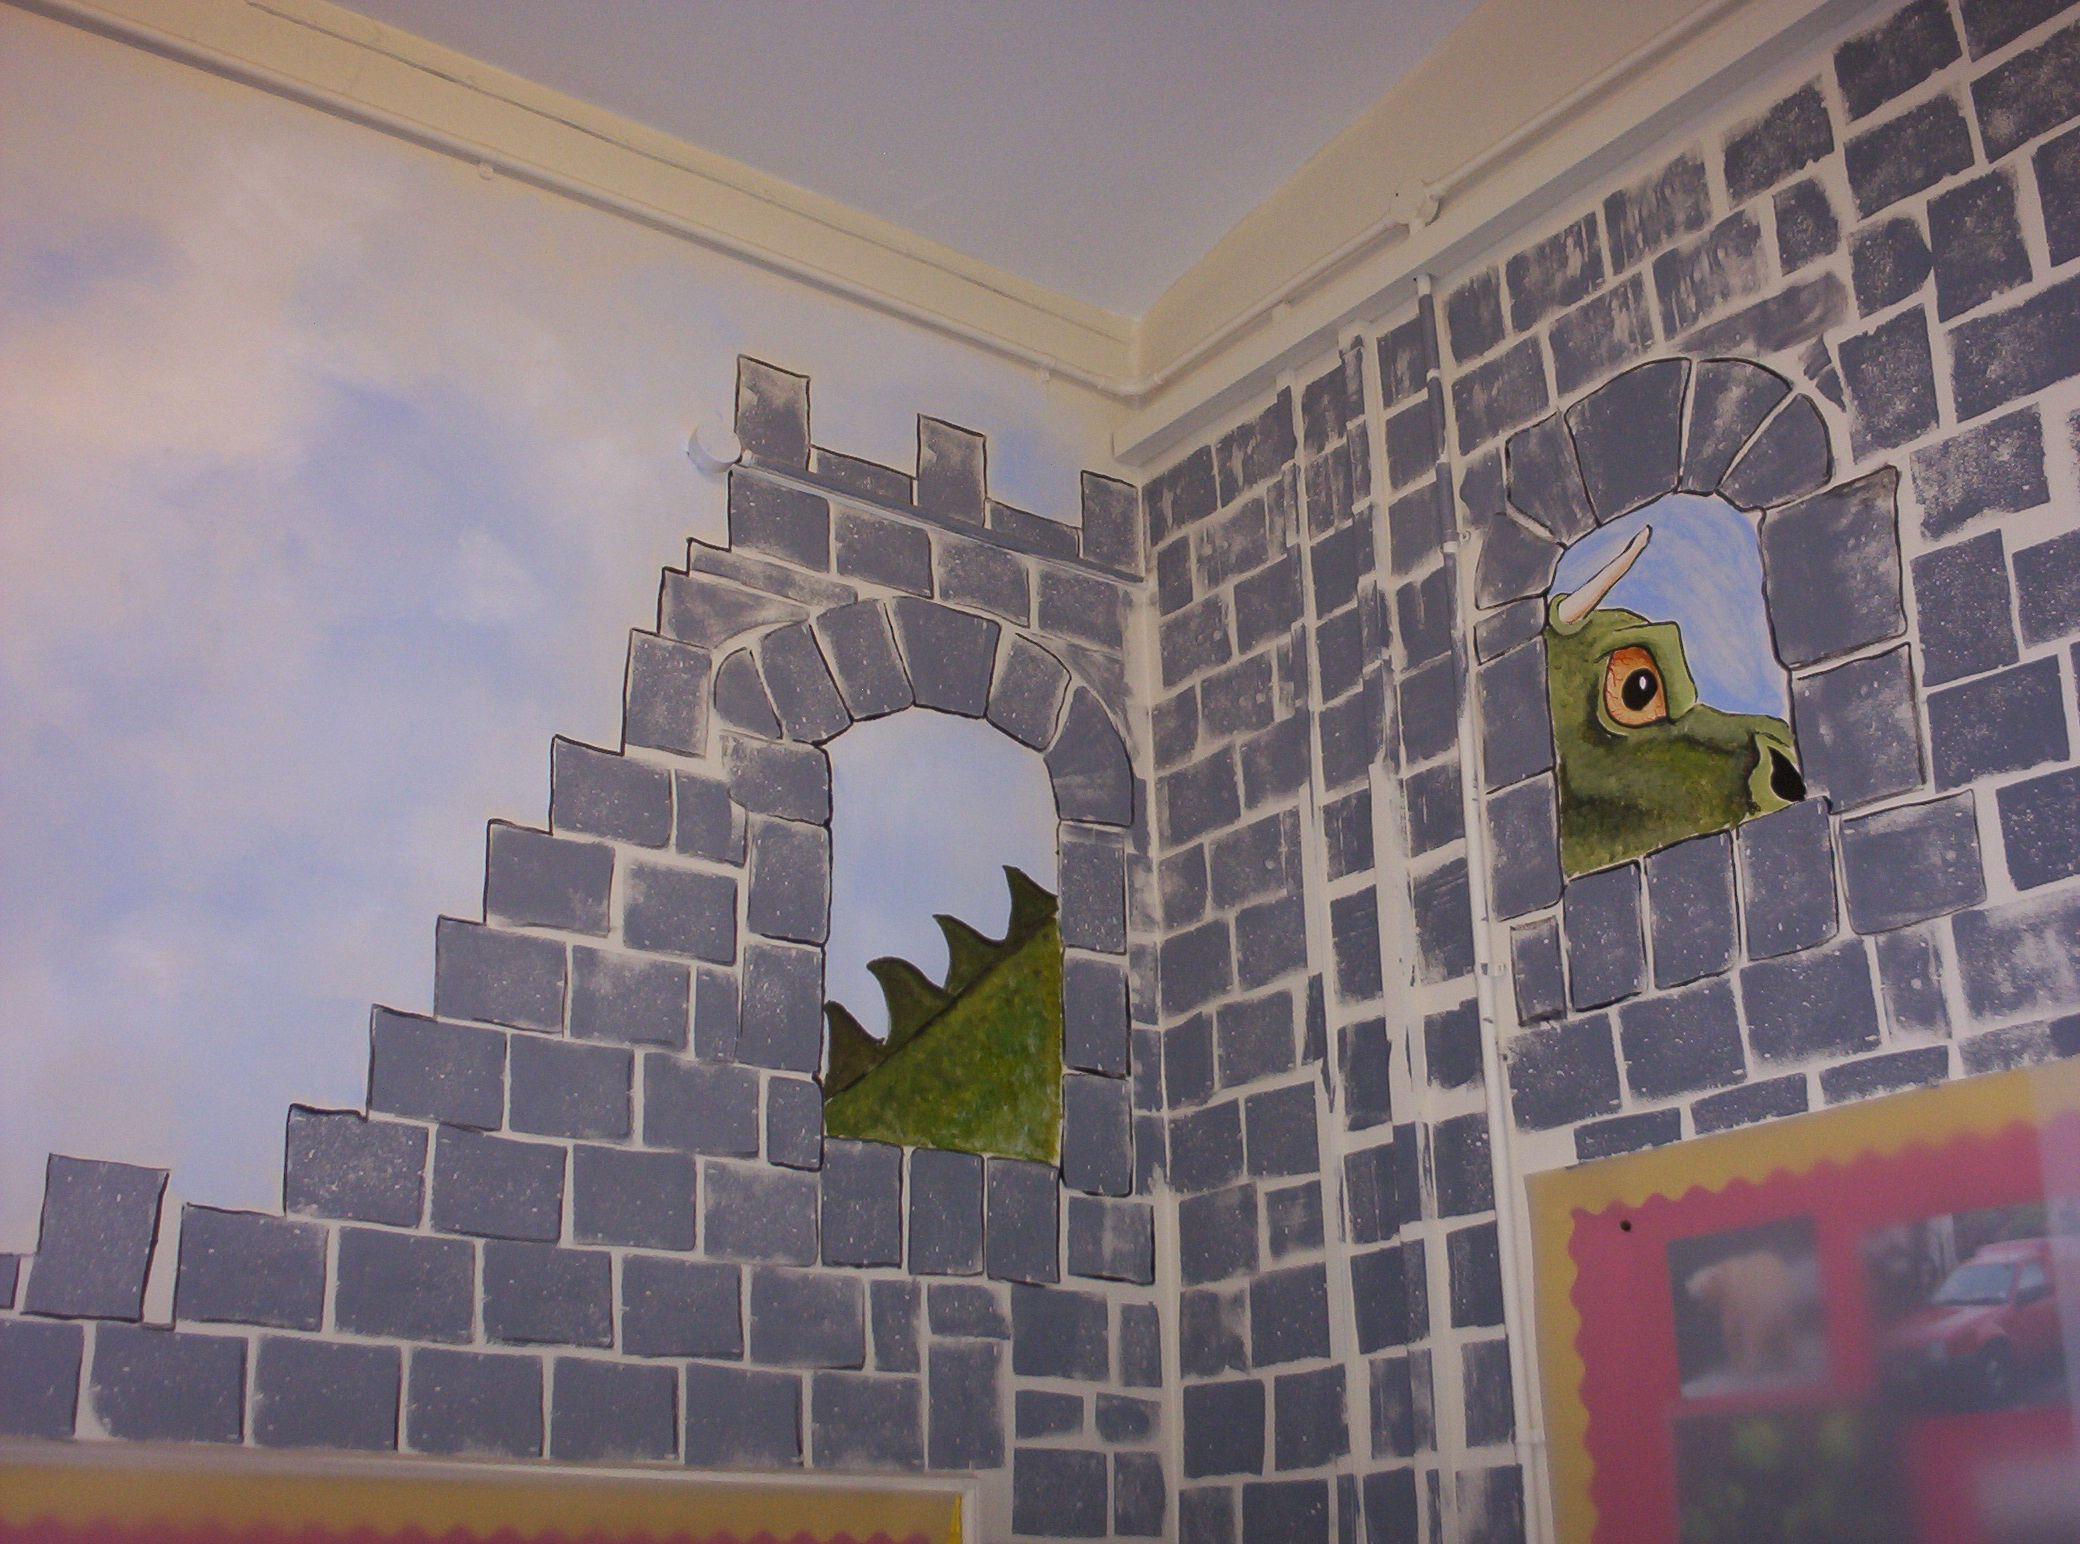 Dragon in the Window